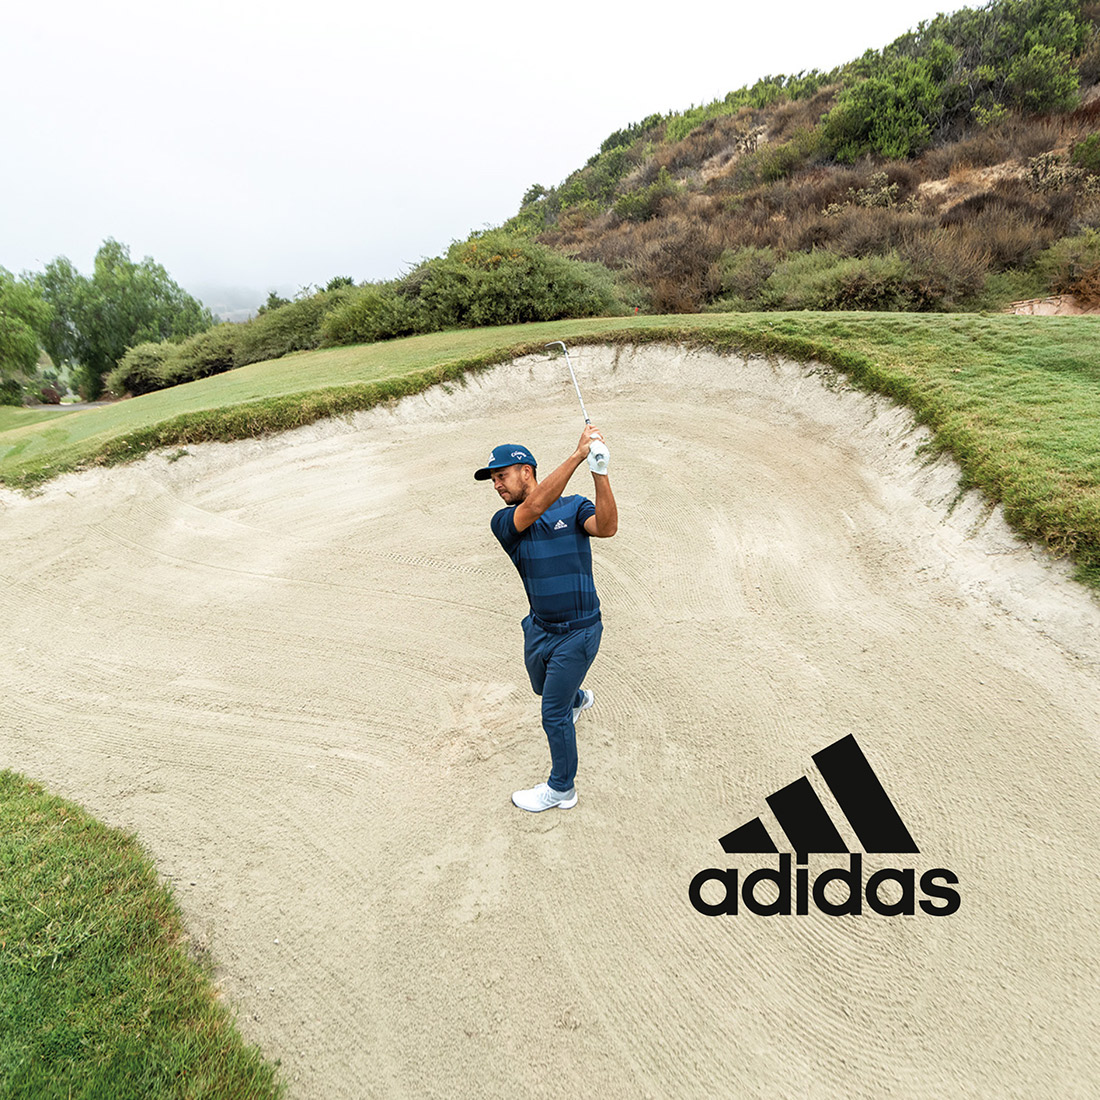 Adidas Schauffer